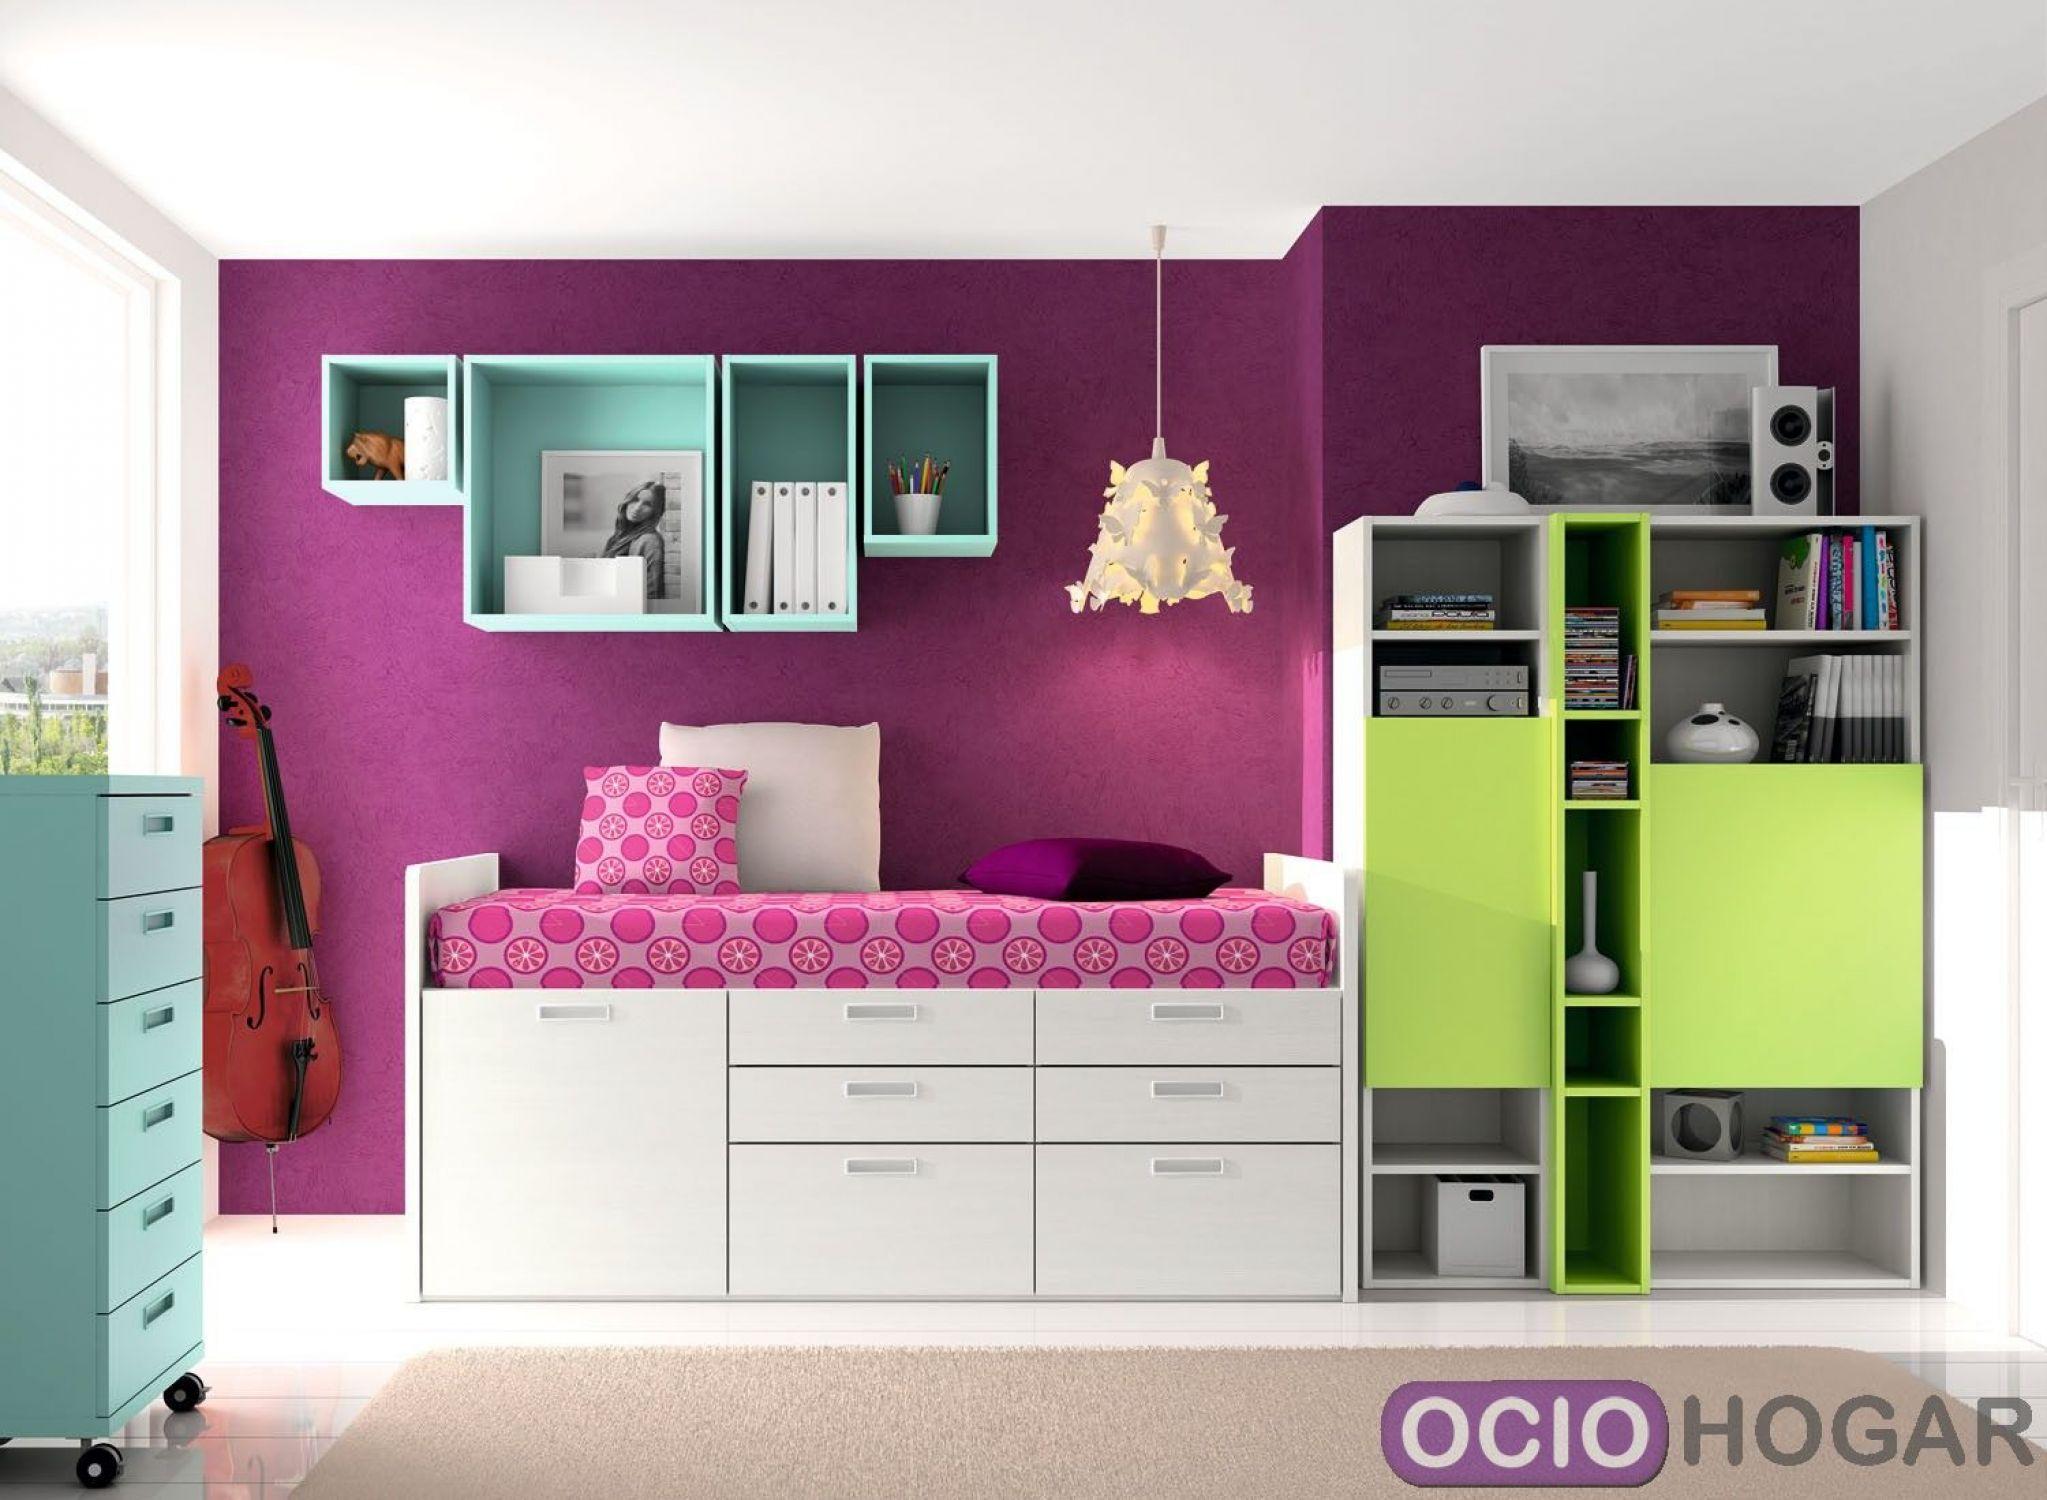 Dormitorio juvenil spacios de dissery muebles modernos - Muebles dormitorio juvenil ...